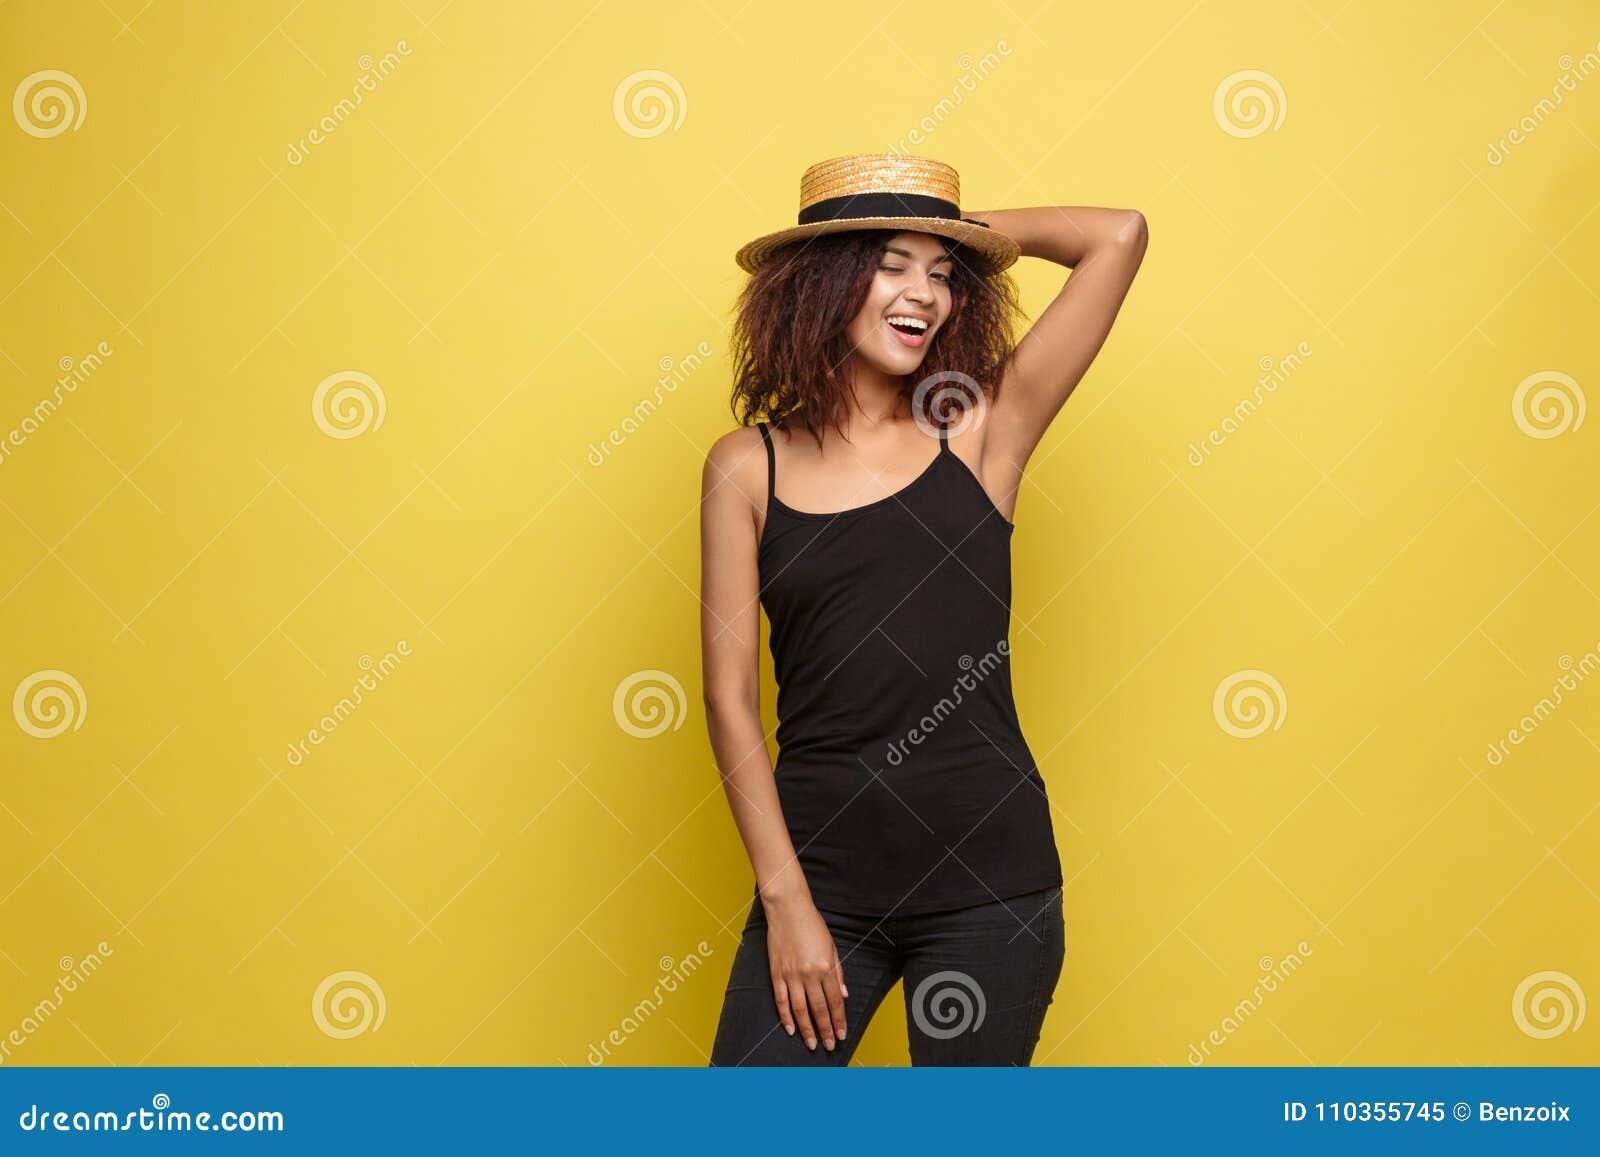 Reisekonzept - nahes hohes Porträt-junge schöne attraktive Afroamerikanerfrau mit modischem Hut lächelnd und froh